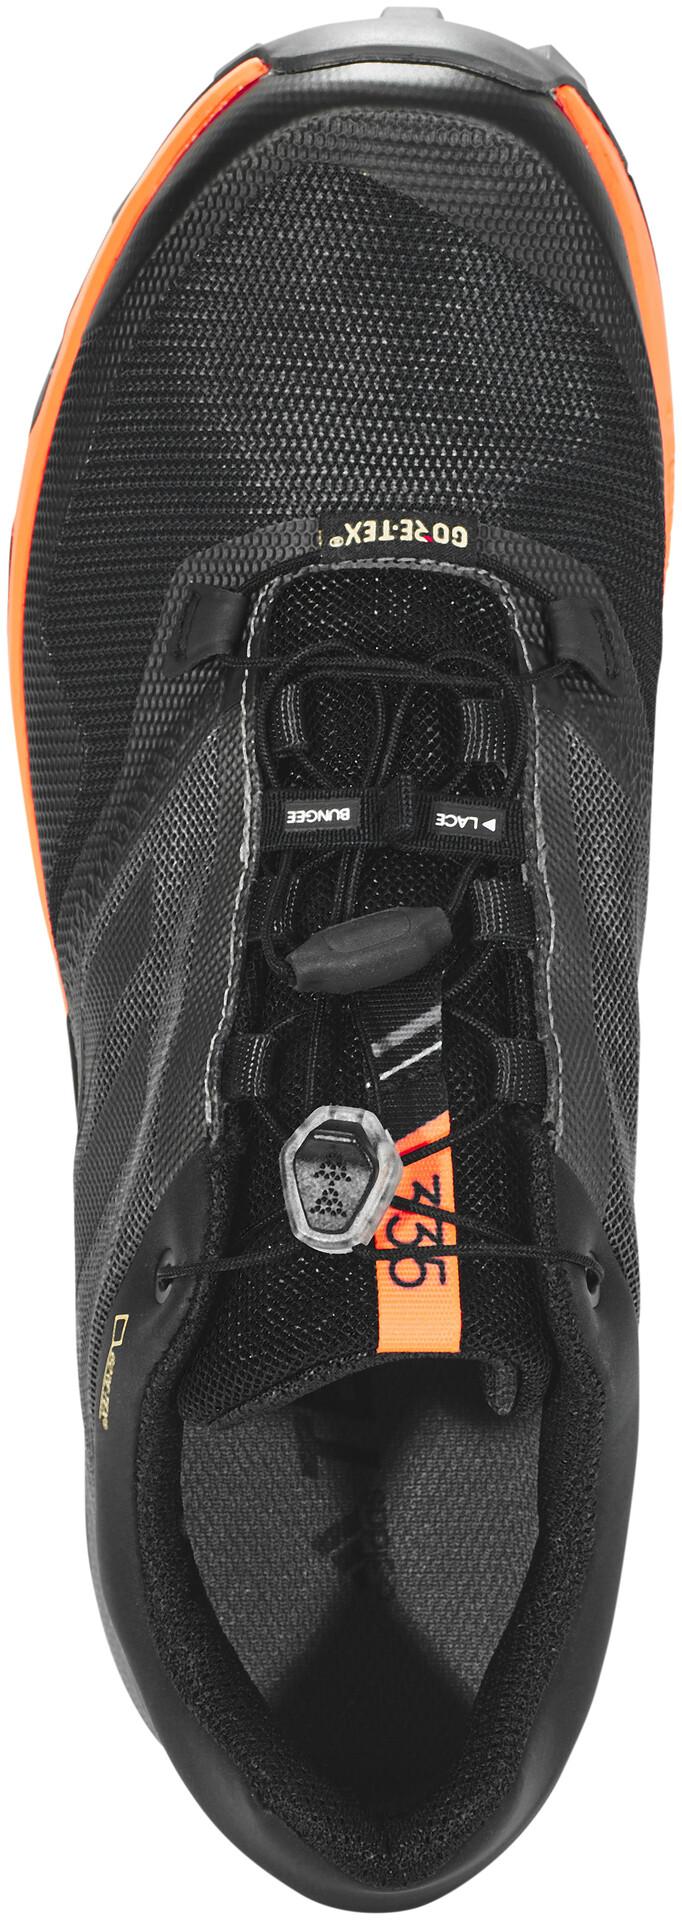 Chaussures Homme Gtx Adidas Orange Terrex Running Trailmaker qwOB4vt1